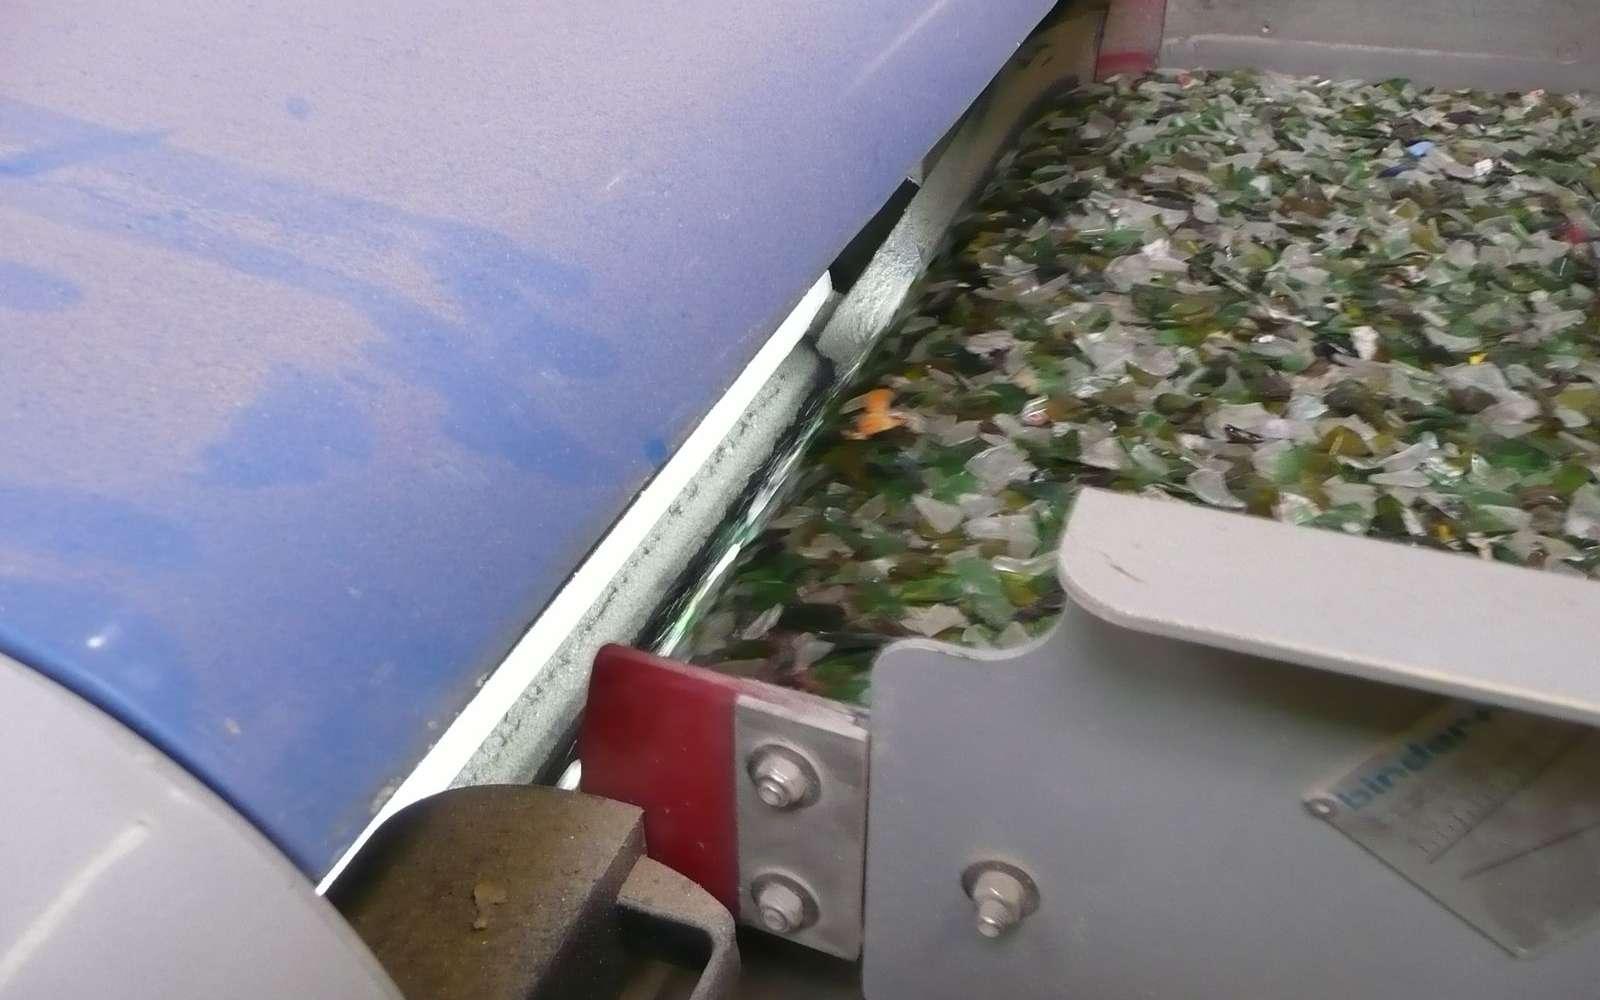 Séparateur à courant de Foucault utilisé pour purifier le verre des métaux non-ferreux dans le cadre du recyclage du verre : le verre tombe sous la plaque métallique grise tandis que les métaux non-ferreux « sautent » au-dessus. © G. Macqueron/Futura-Sciences